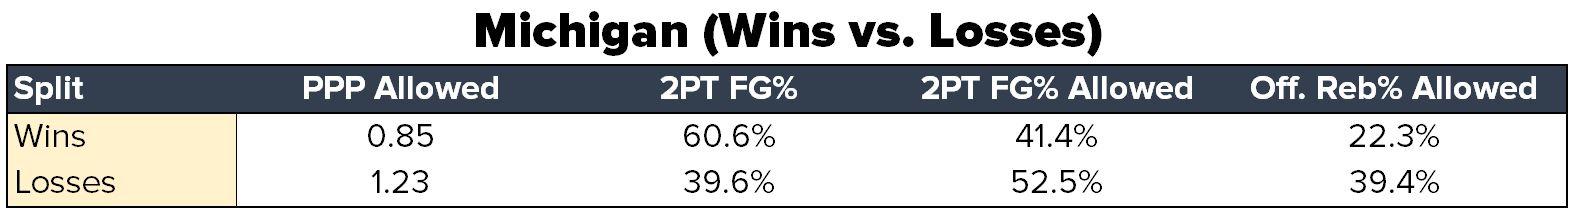 Michigan Win Loss Splits